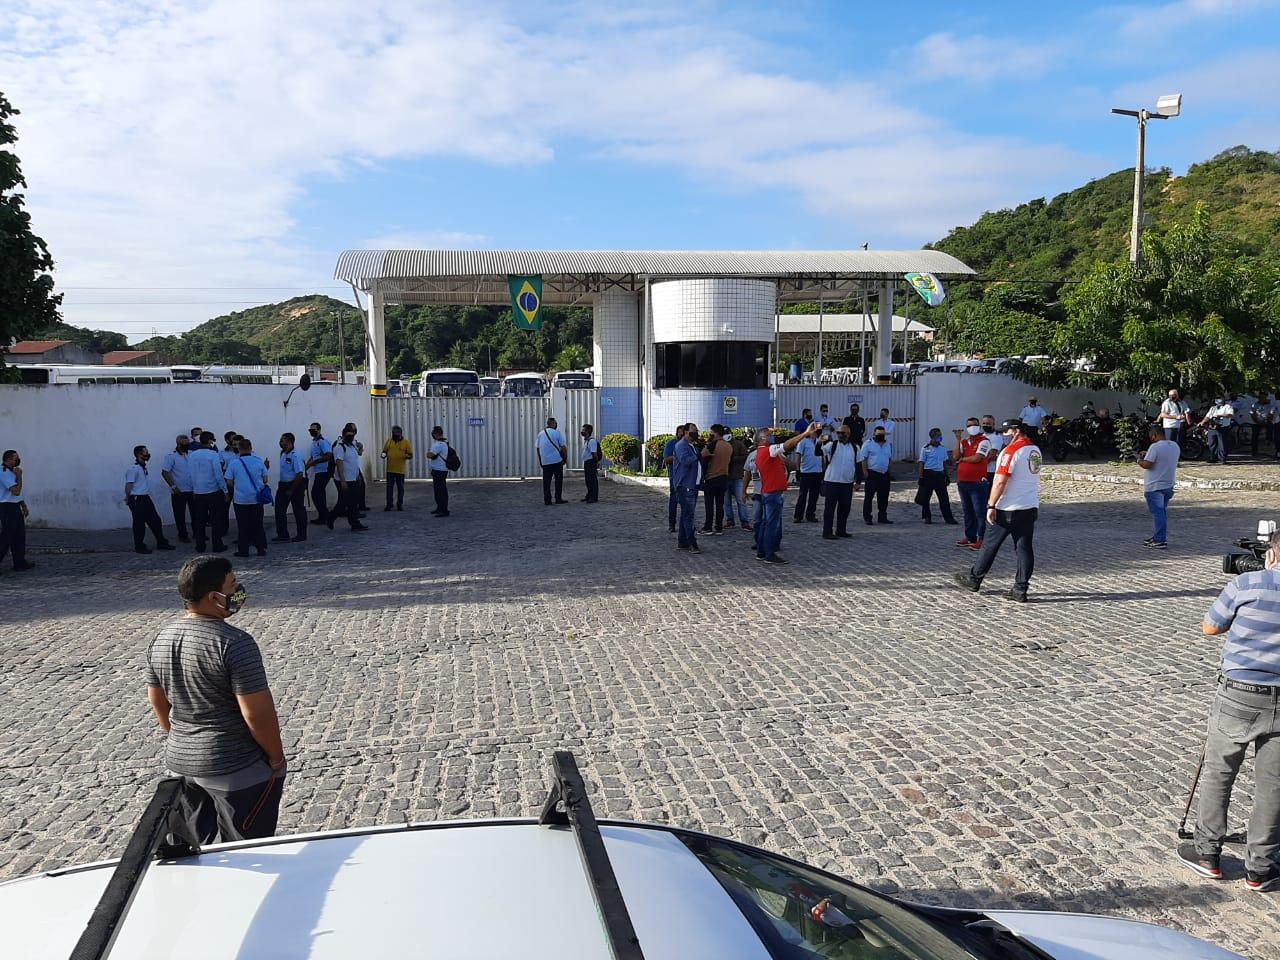 Greve dos rodoviários: Impasse sobre liminar na Conceição, uma só empresa na rua e nova decisão judicial marcam terceiro dia da paralisação